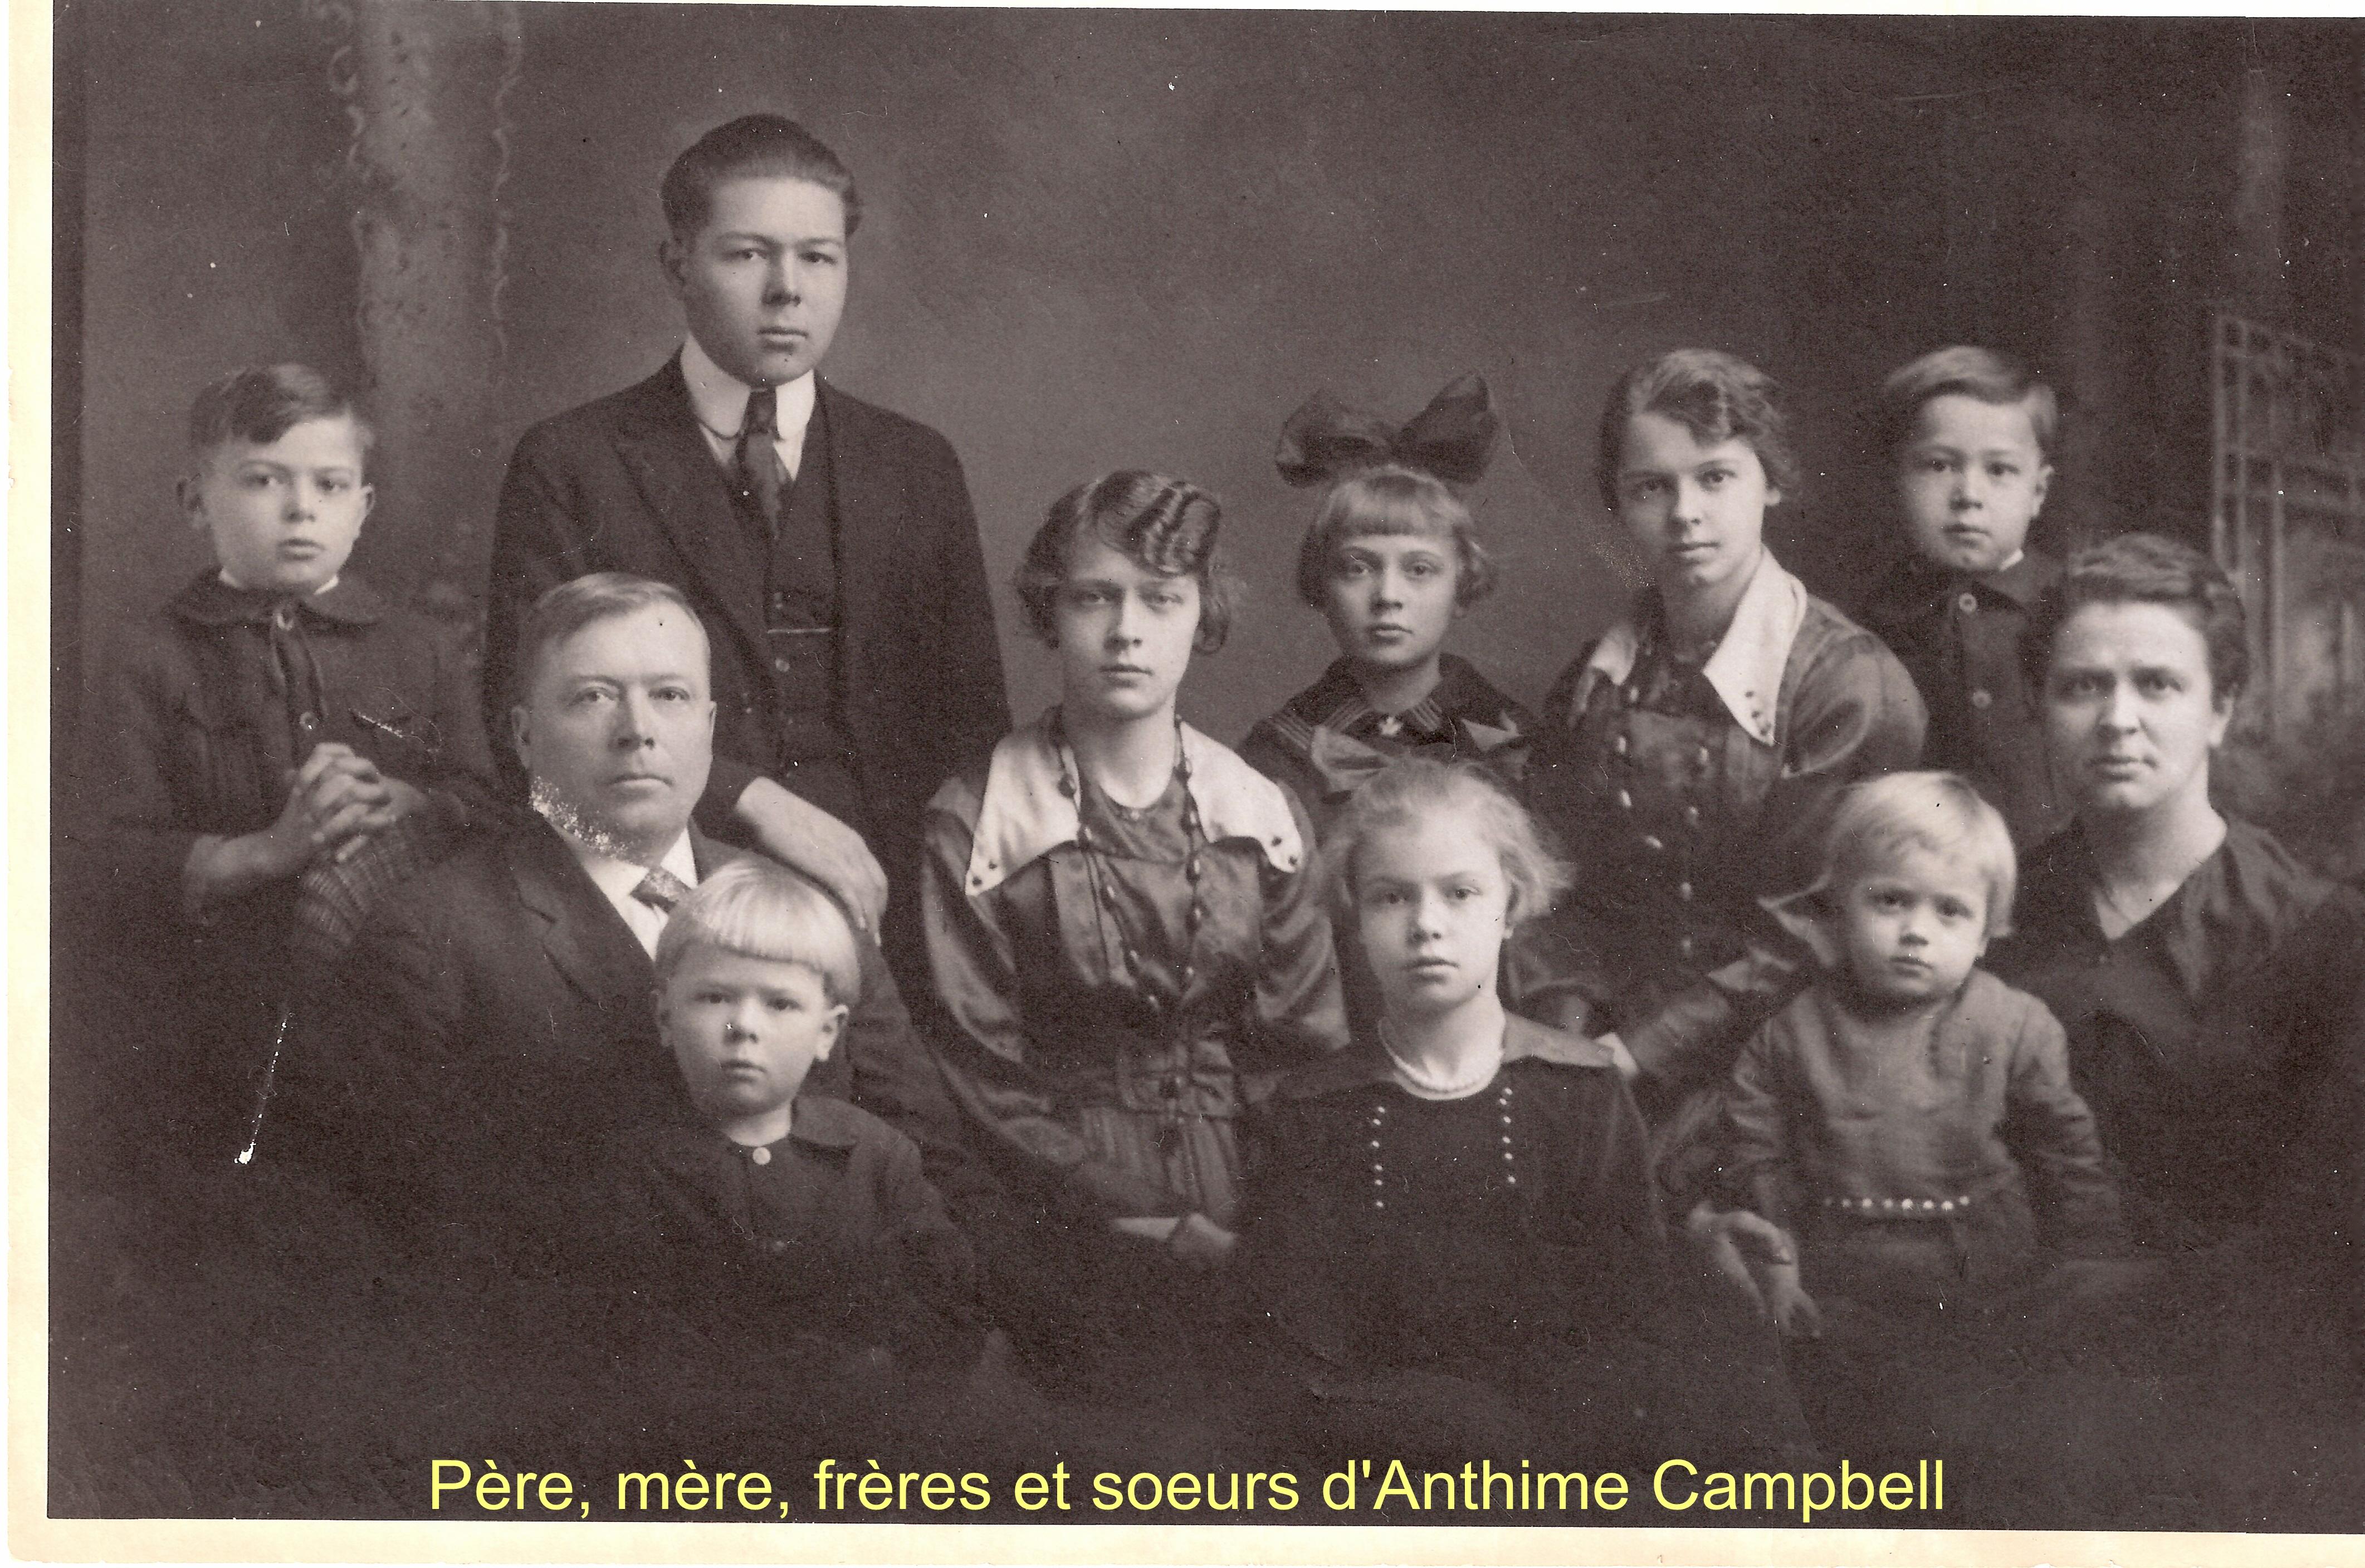 P+¿re, m+¿re, fr+¿res et soeurs de  Anthime Campbell